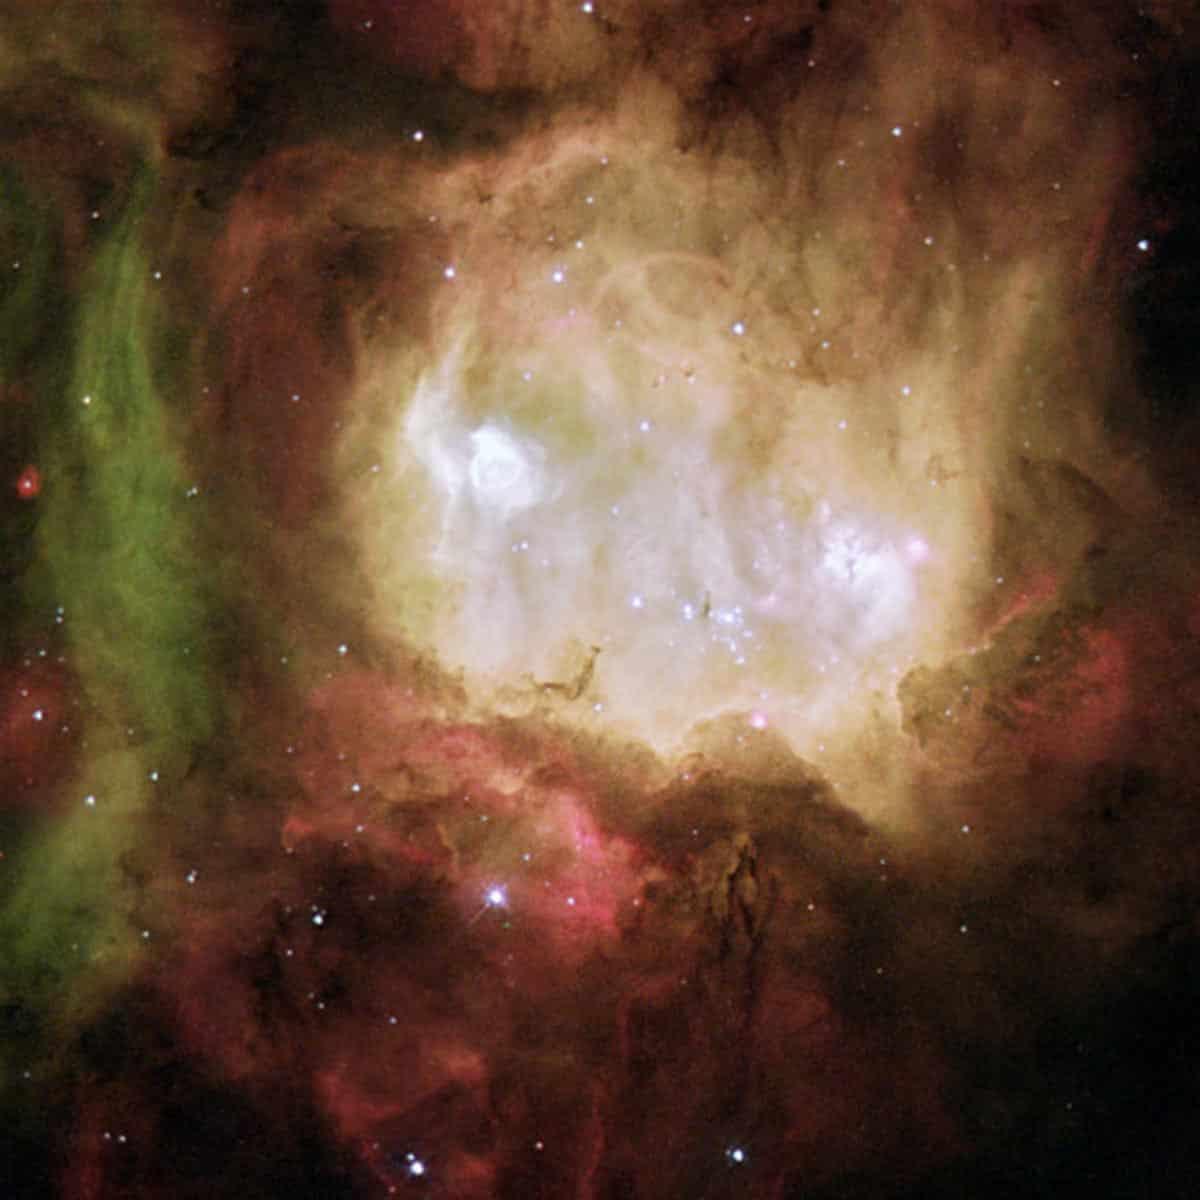 14. La nébuleuse de la tête de fantôme est l'une d'une chaîne d'étoiles en formation des régions situées au sud de la nébuleuse 30 Doradus, dans le grand nuage de Magellan. (Photo : NASA/ESA/Hubble)